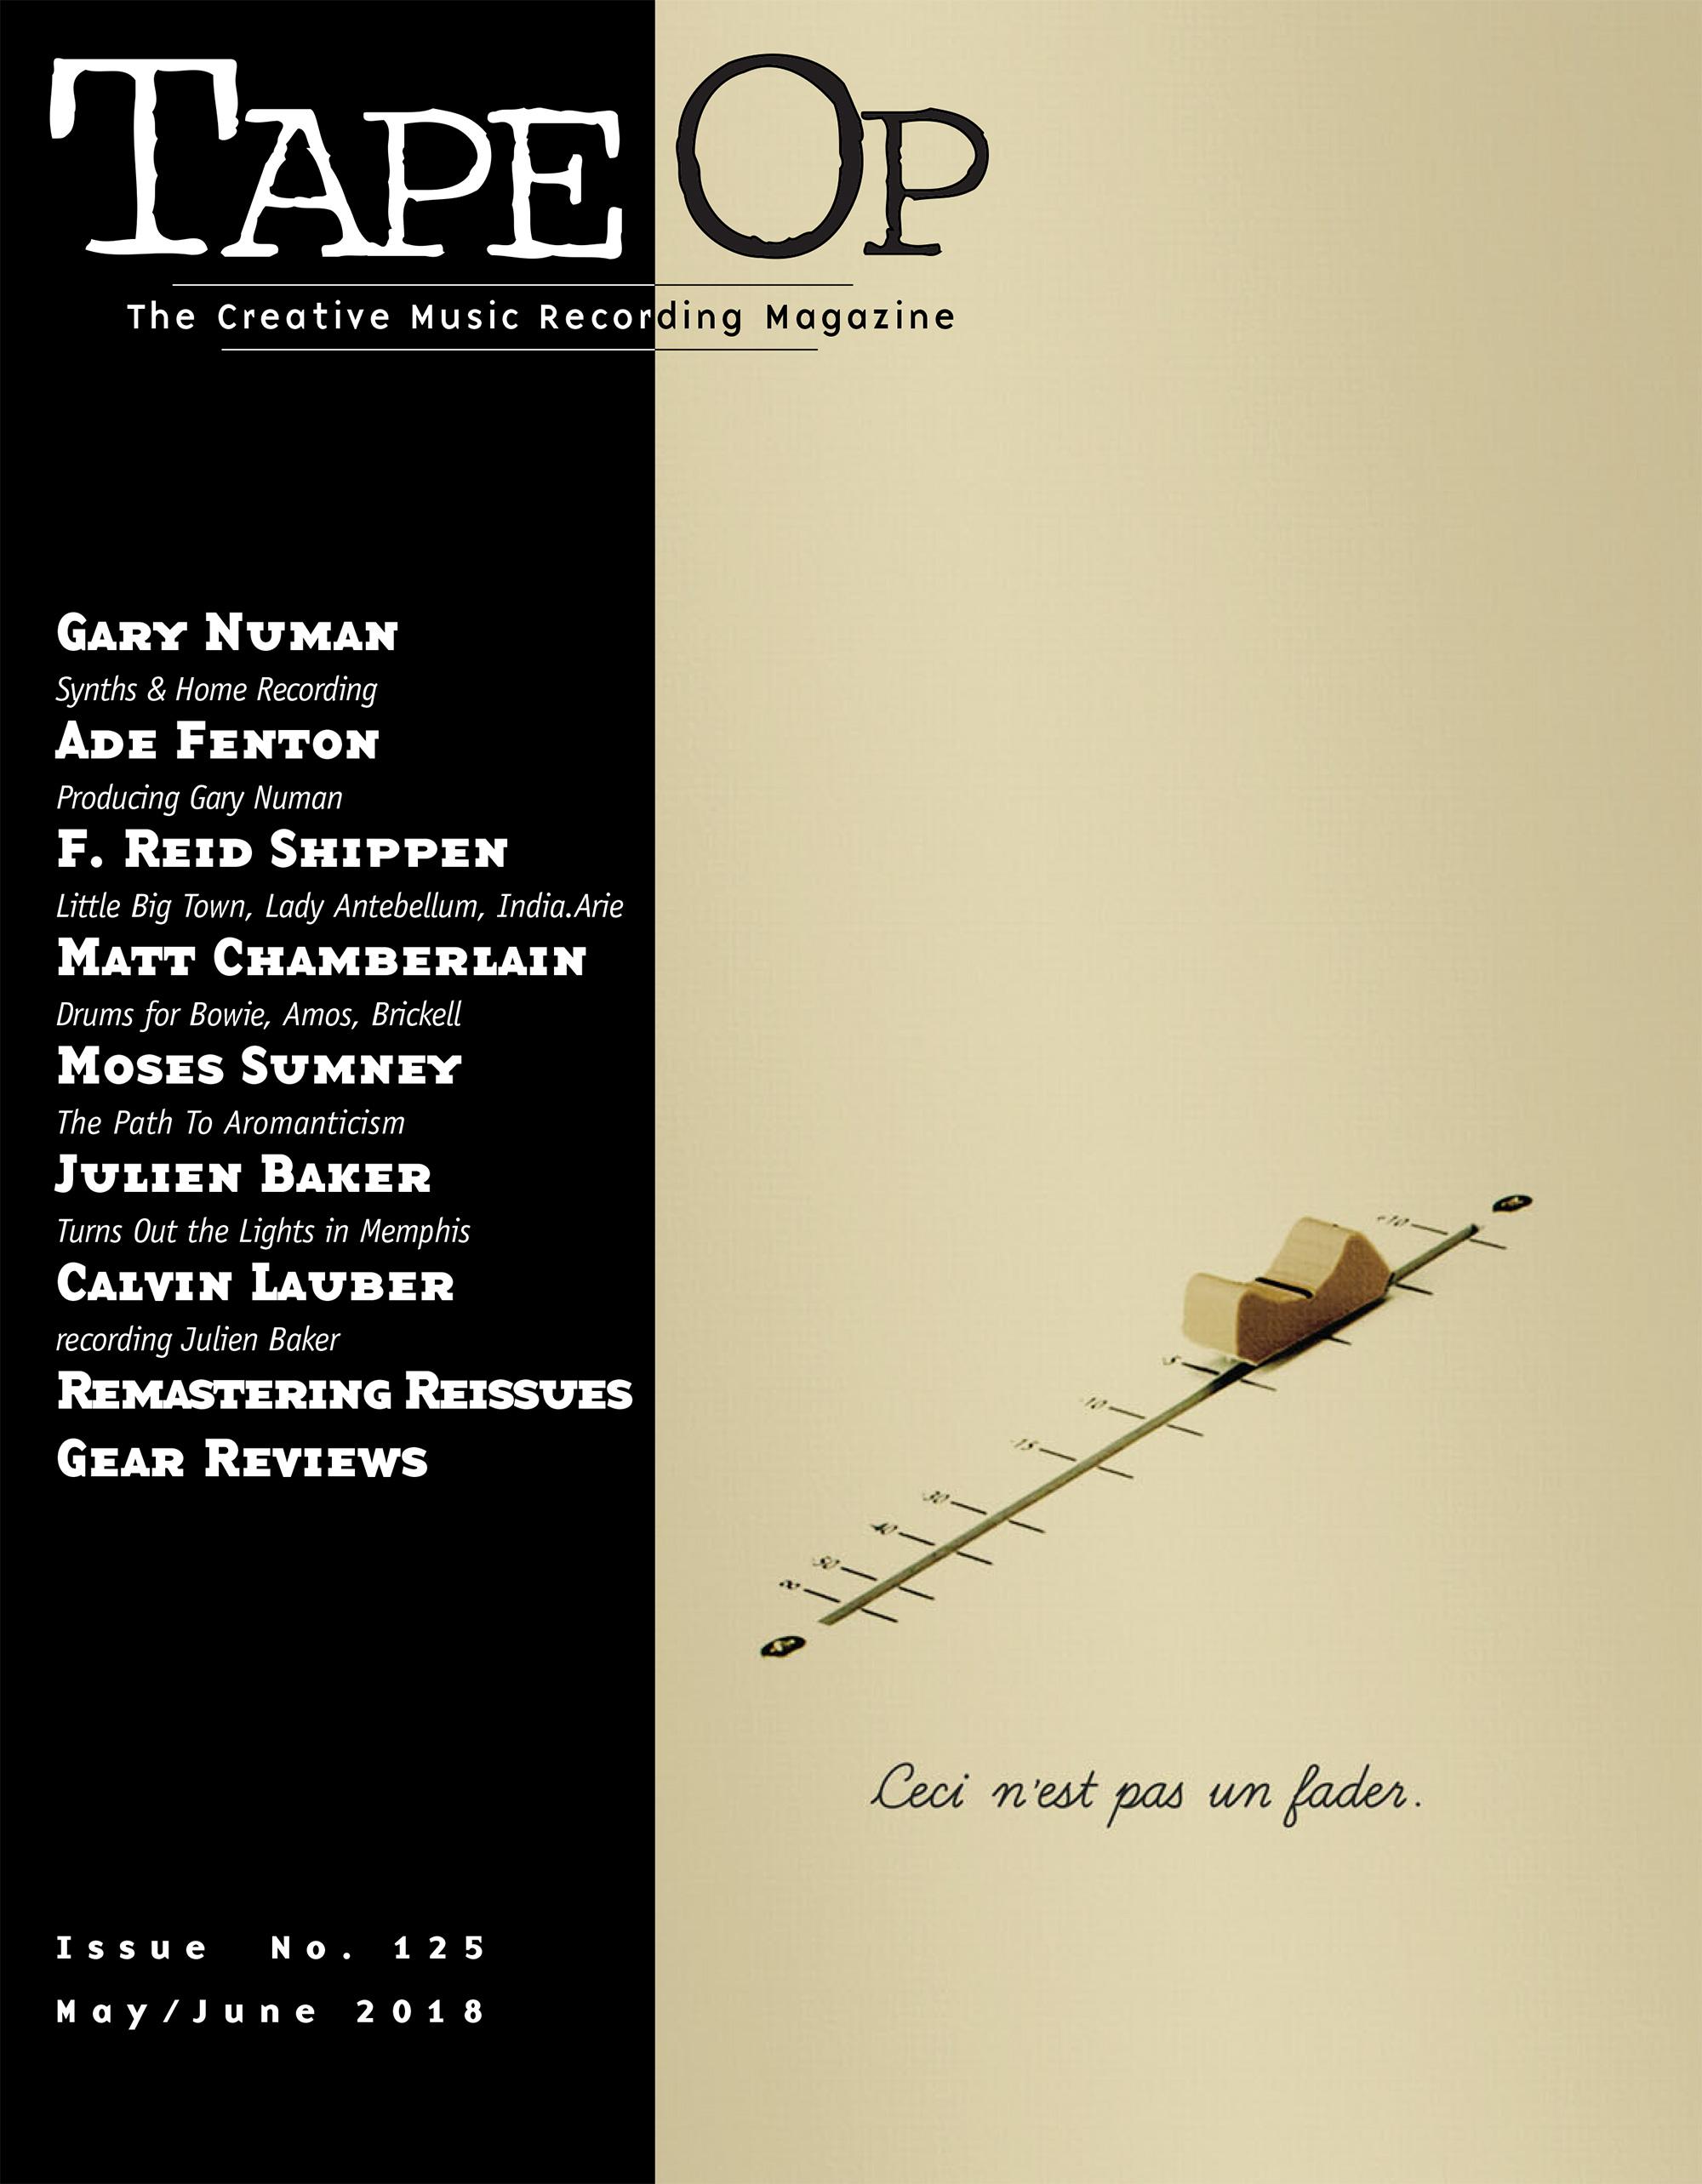 Read Tape Op #125 | Tape Op Magazine | Longform candid